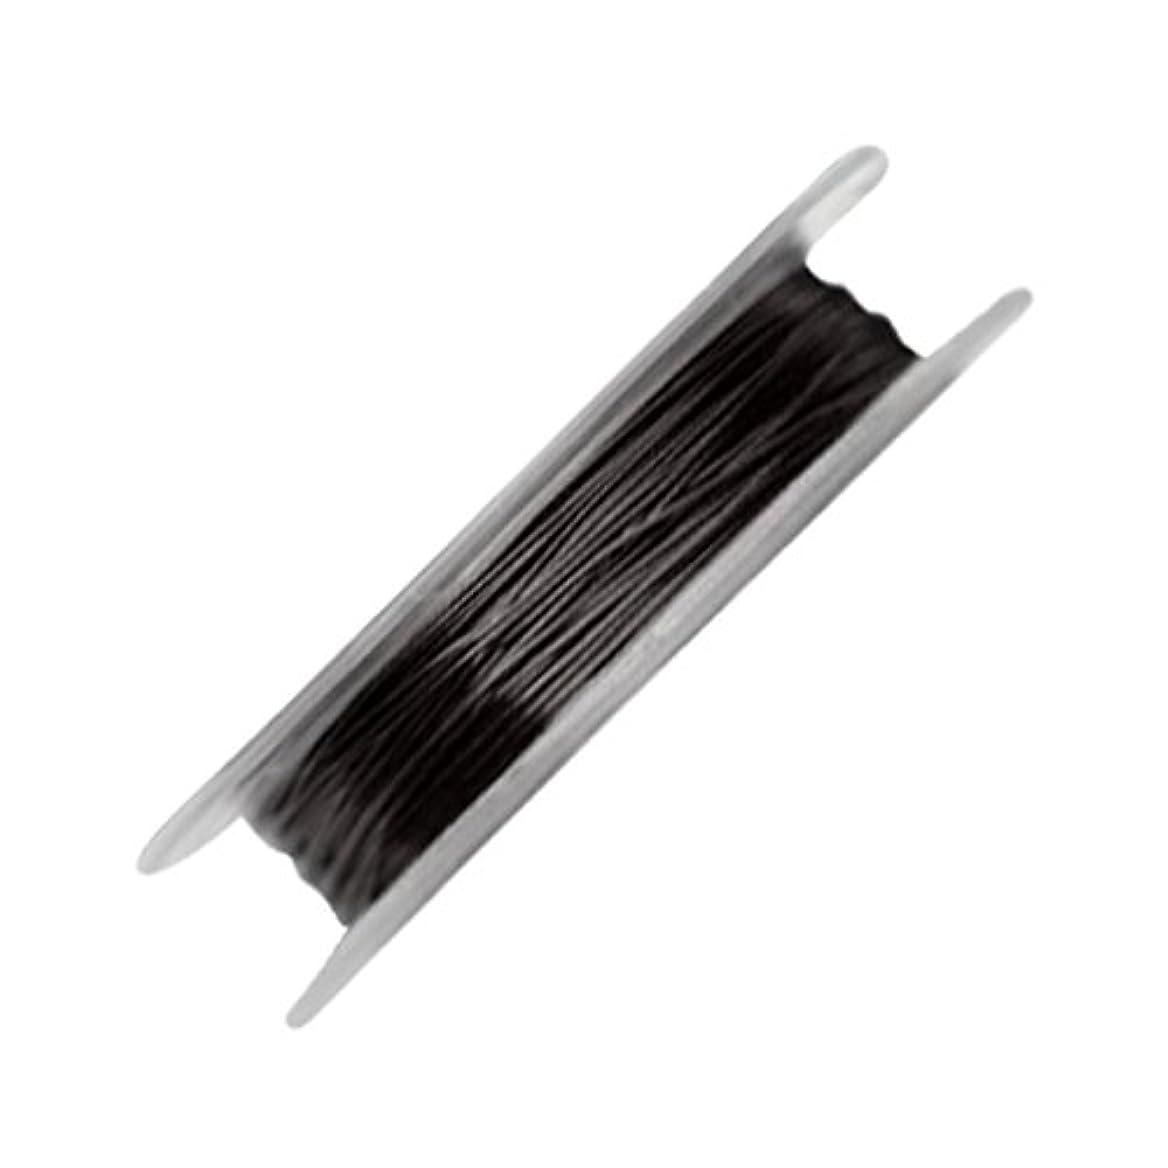 ナイトスポットファセットバスBonnail カラーワイヤー ブラック